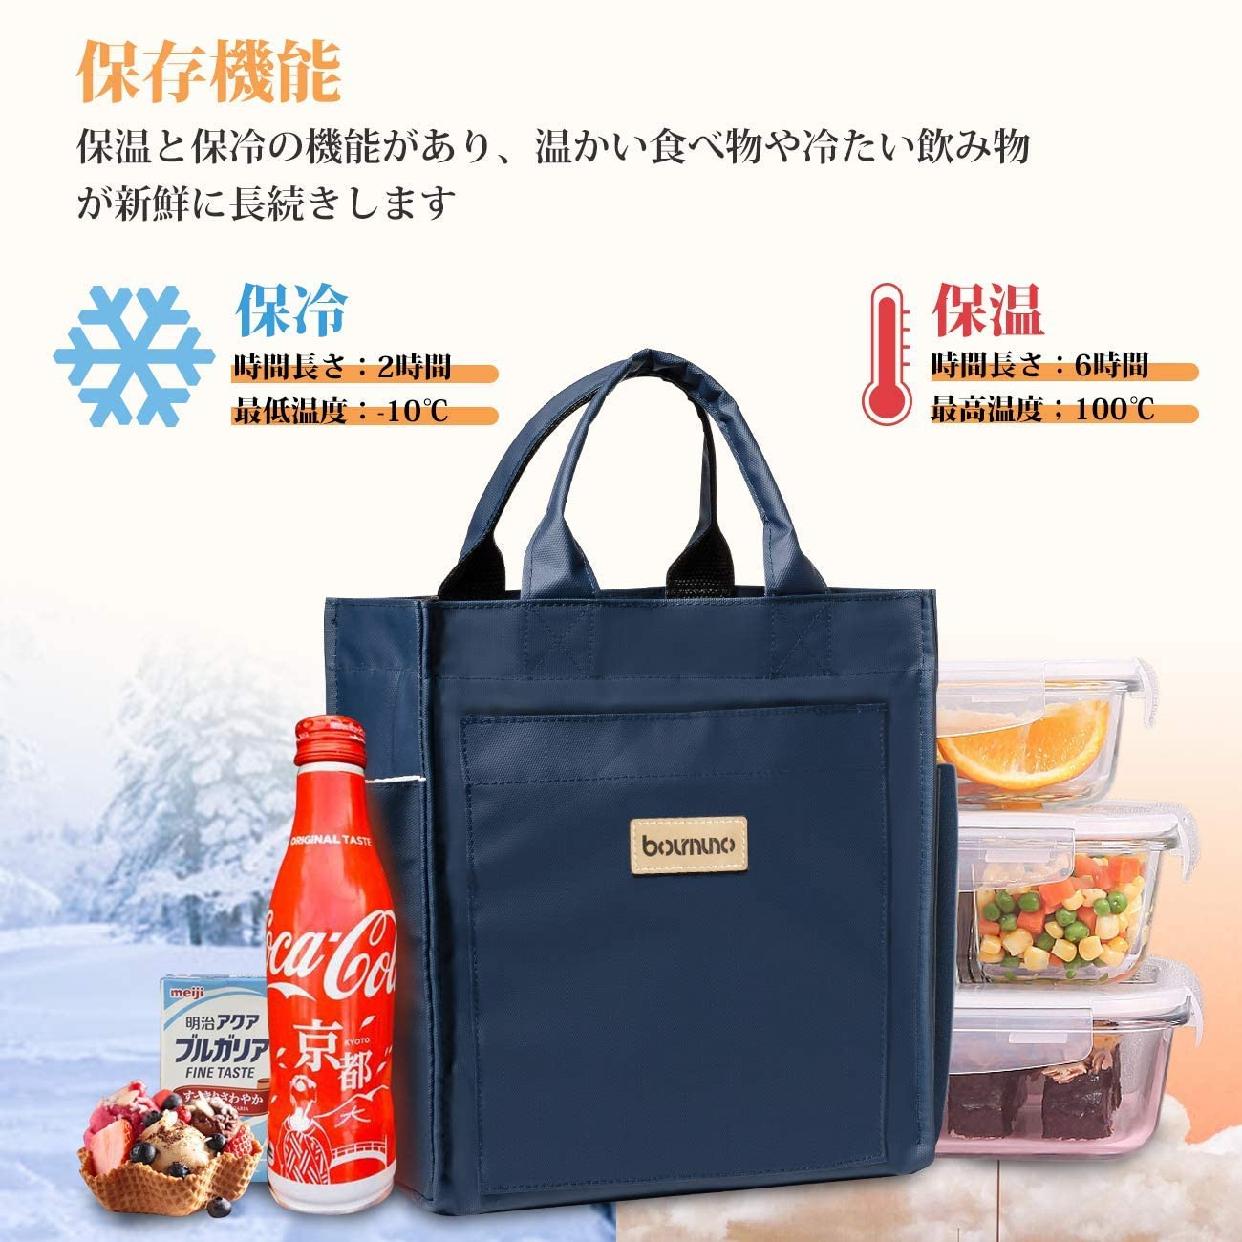 Boumuno(ボウムノ)ランチバッグ ブルーの商品画像2